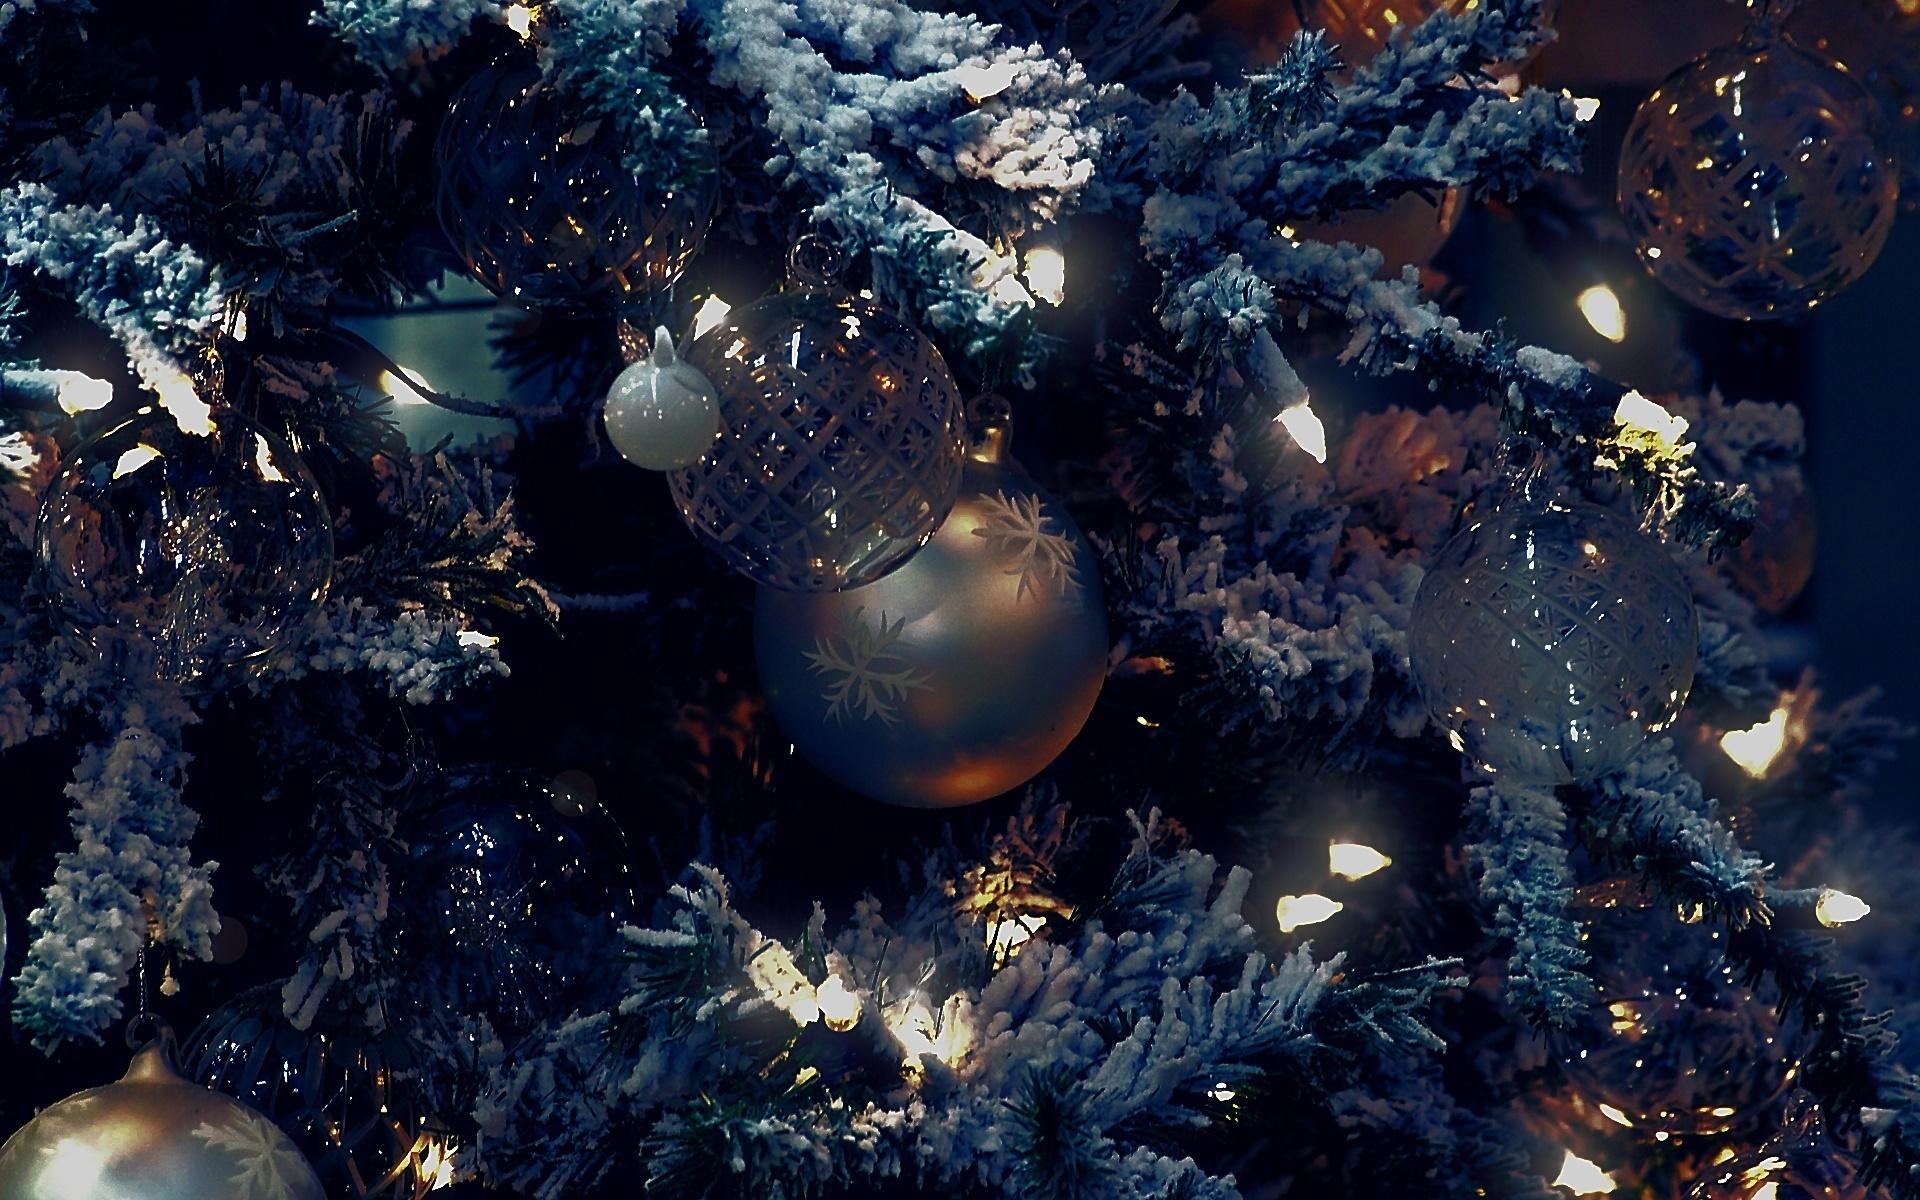 Картинки на фон компьютера новогодние